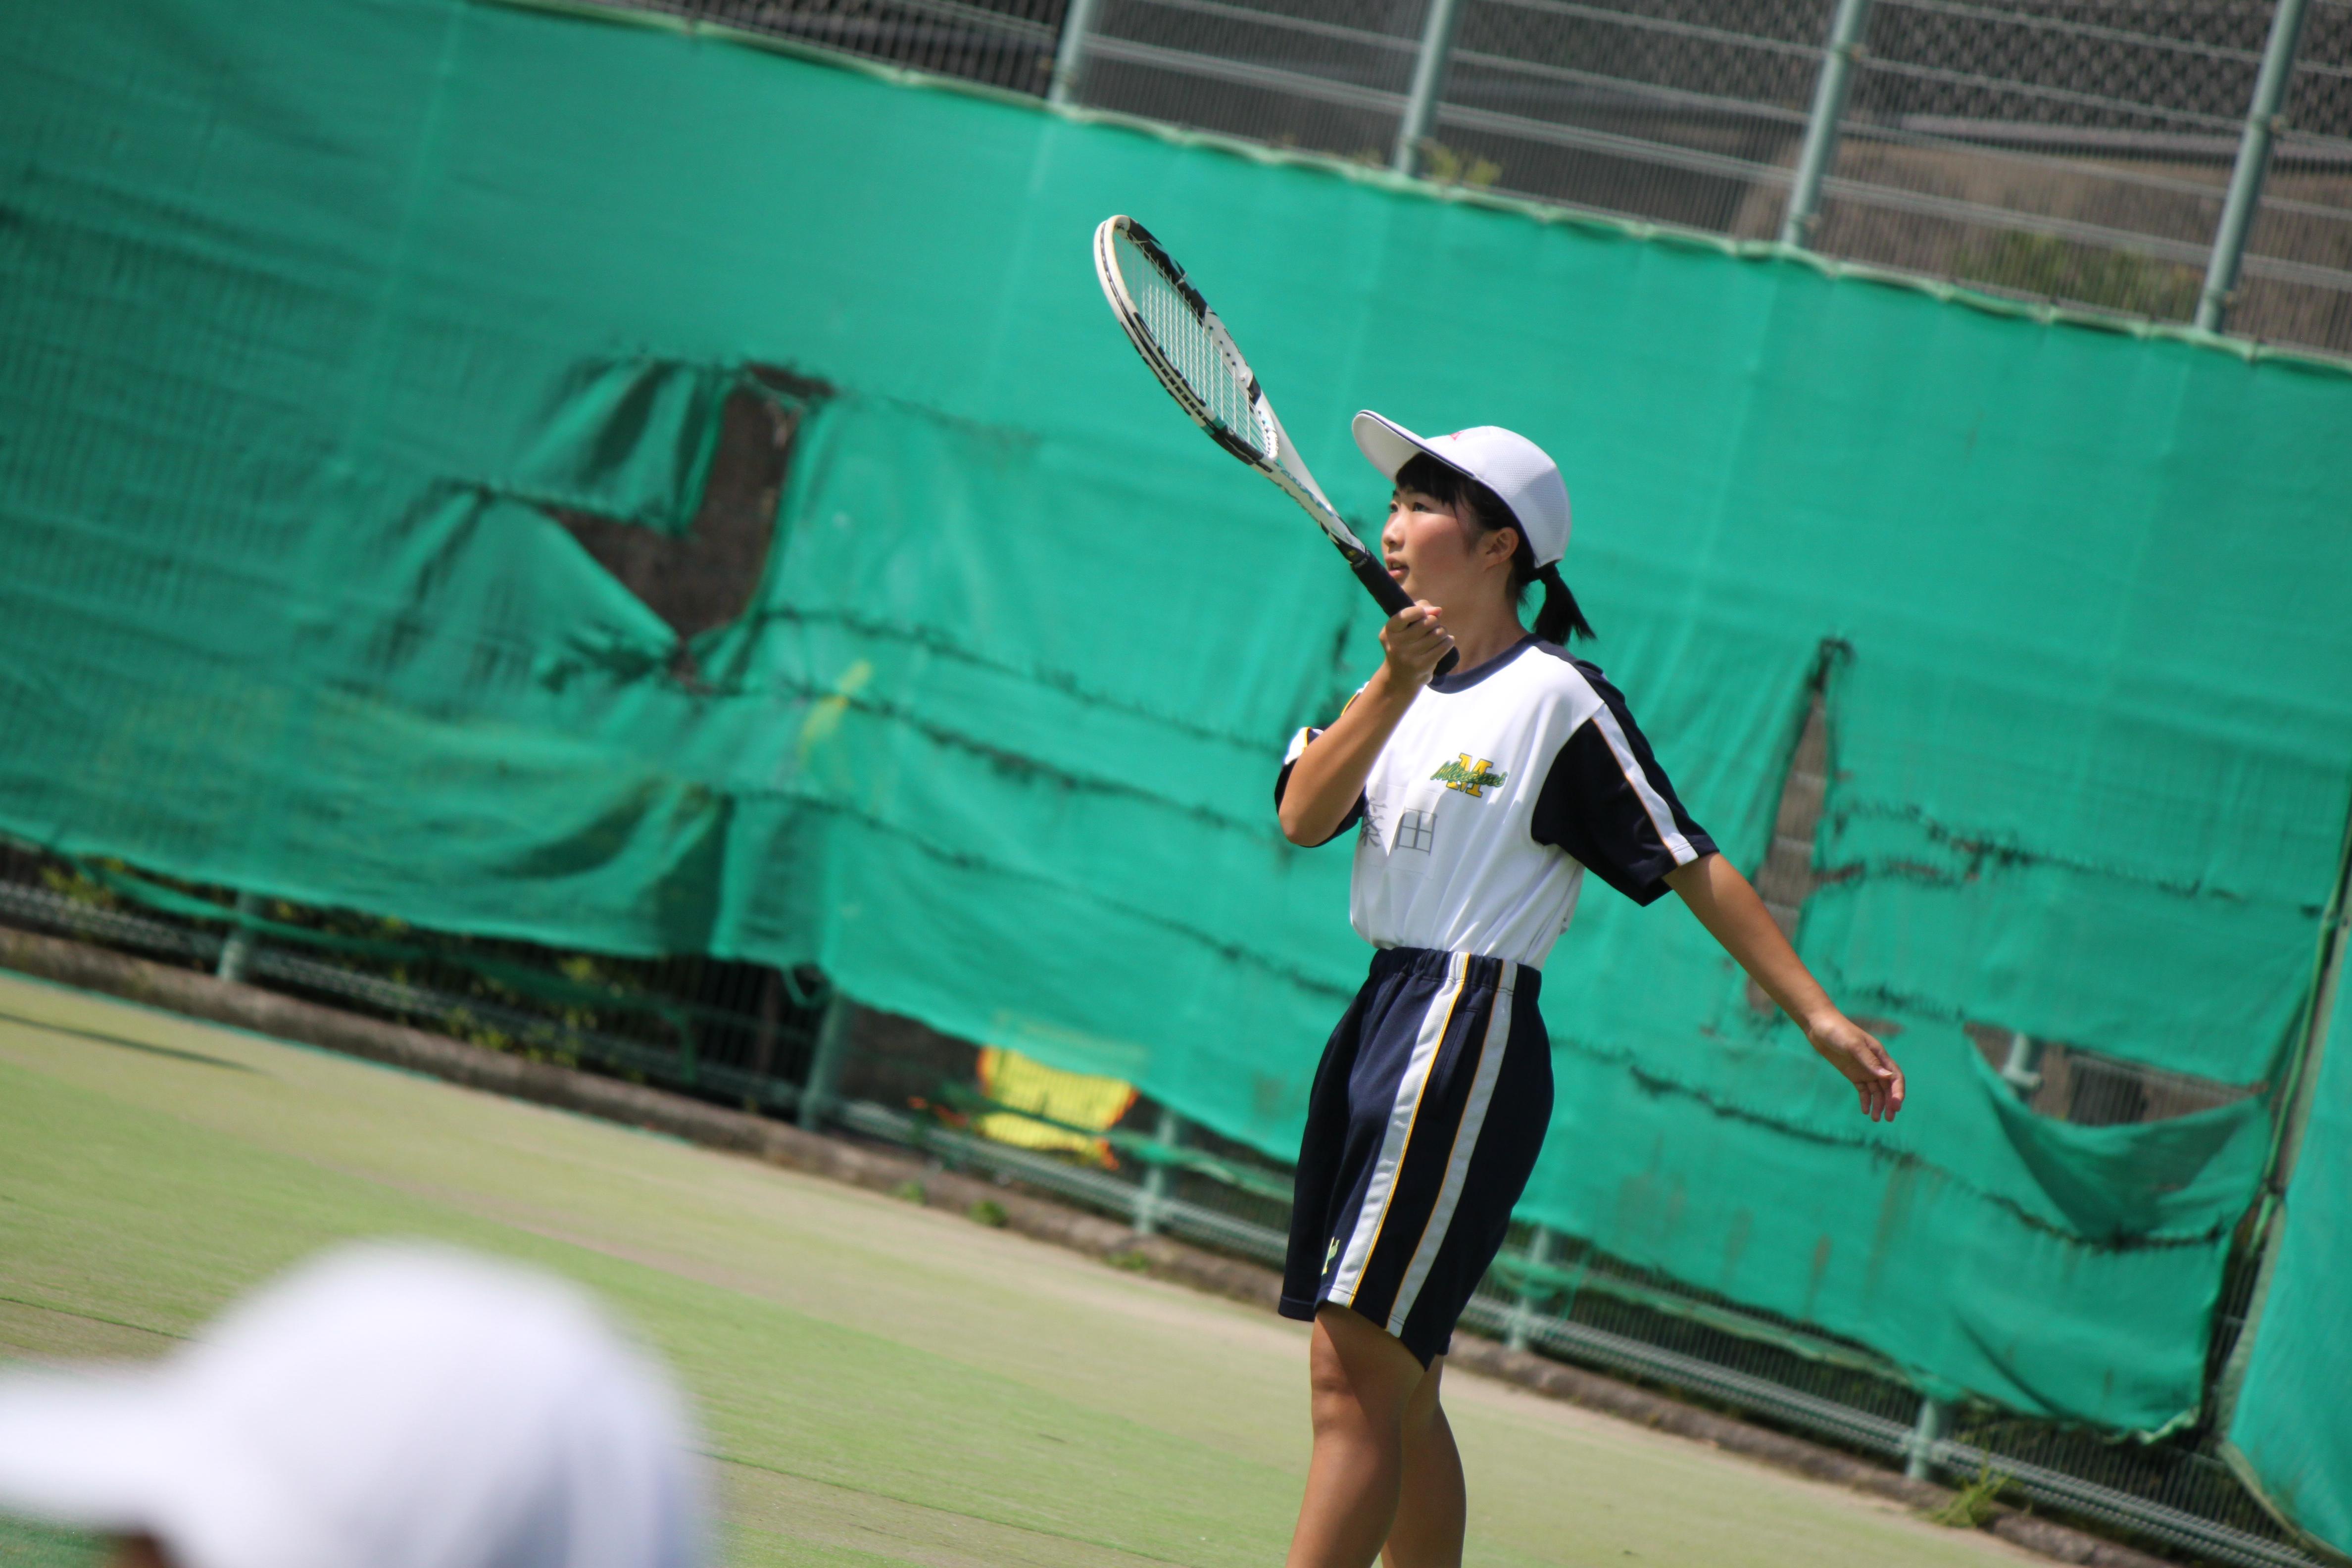 ソフトテニス (577)